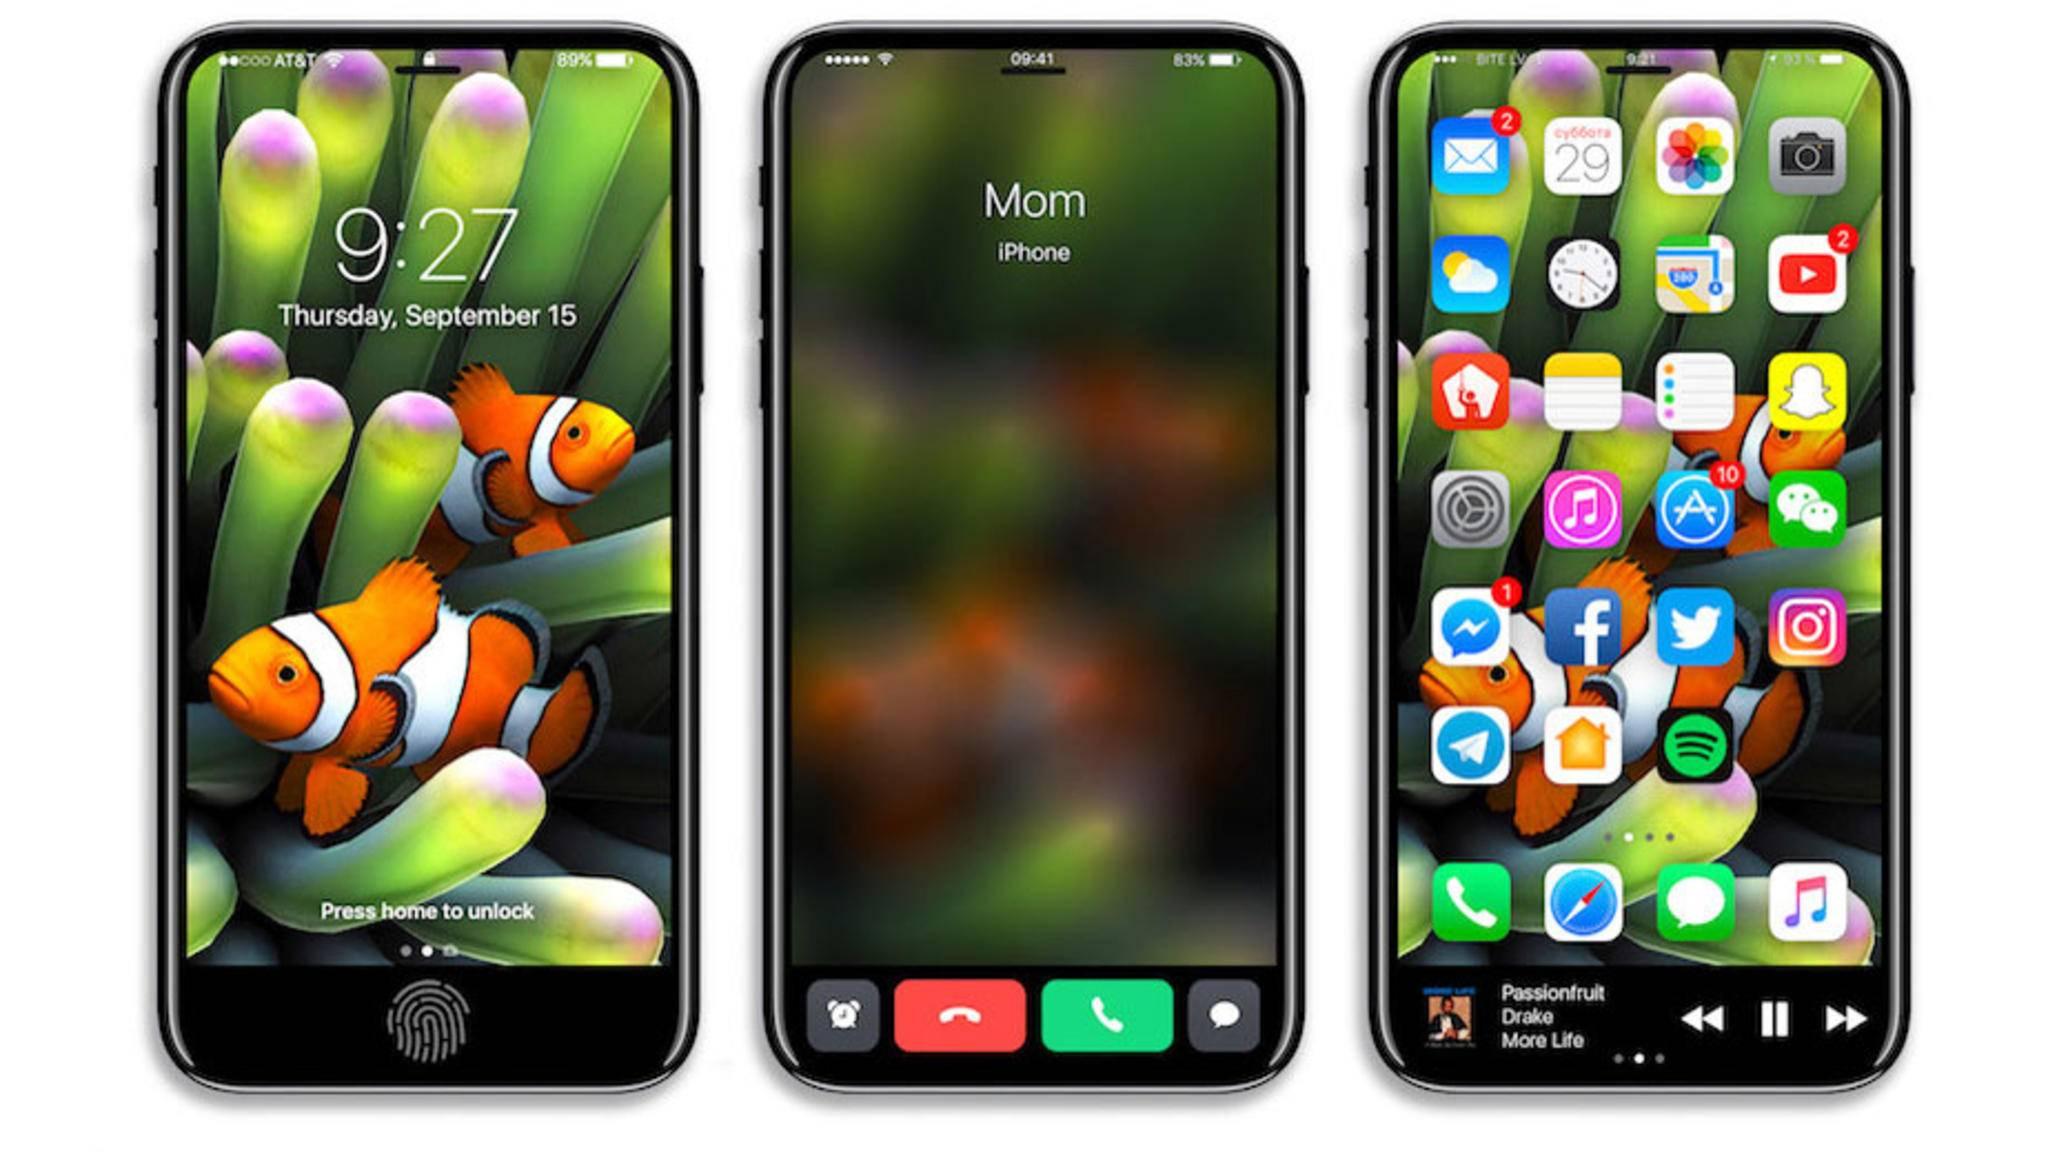 Touch ID und Buttons für eingehende Telefonate: Für diese Features könnte der Funktionsbereich gut sein.